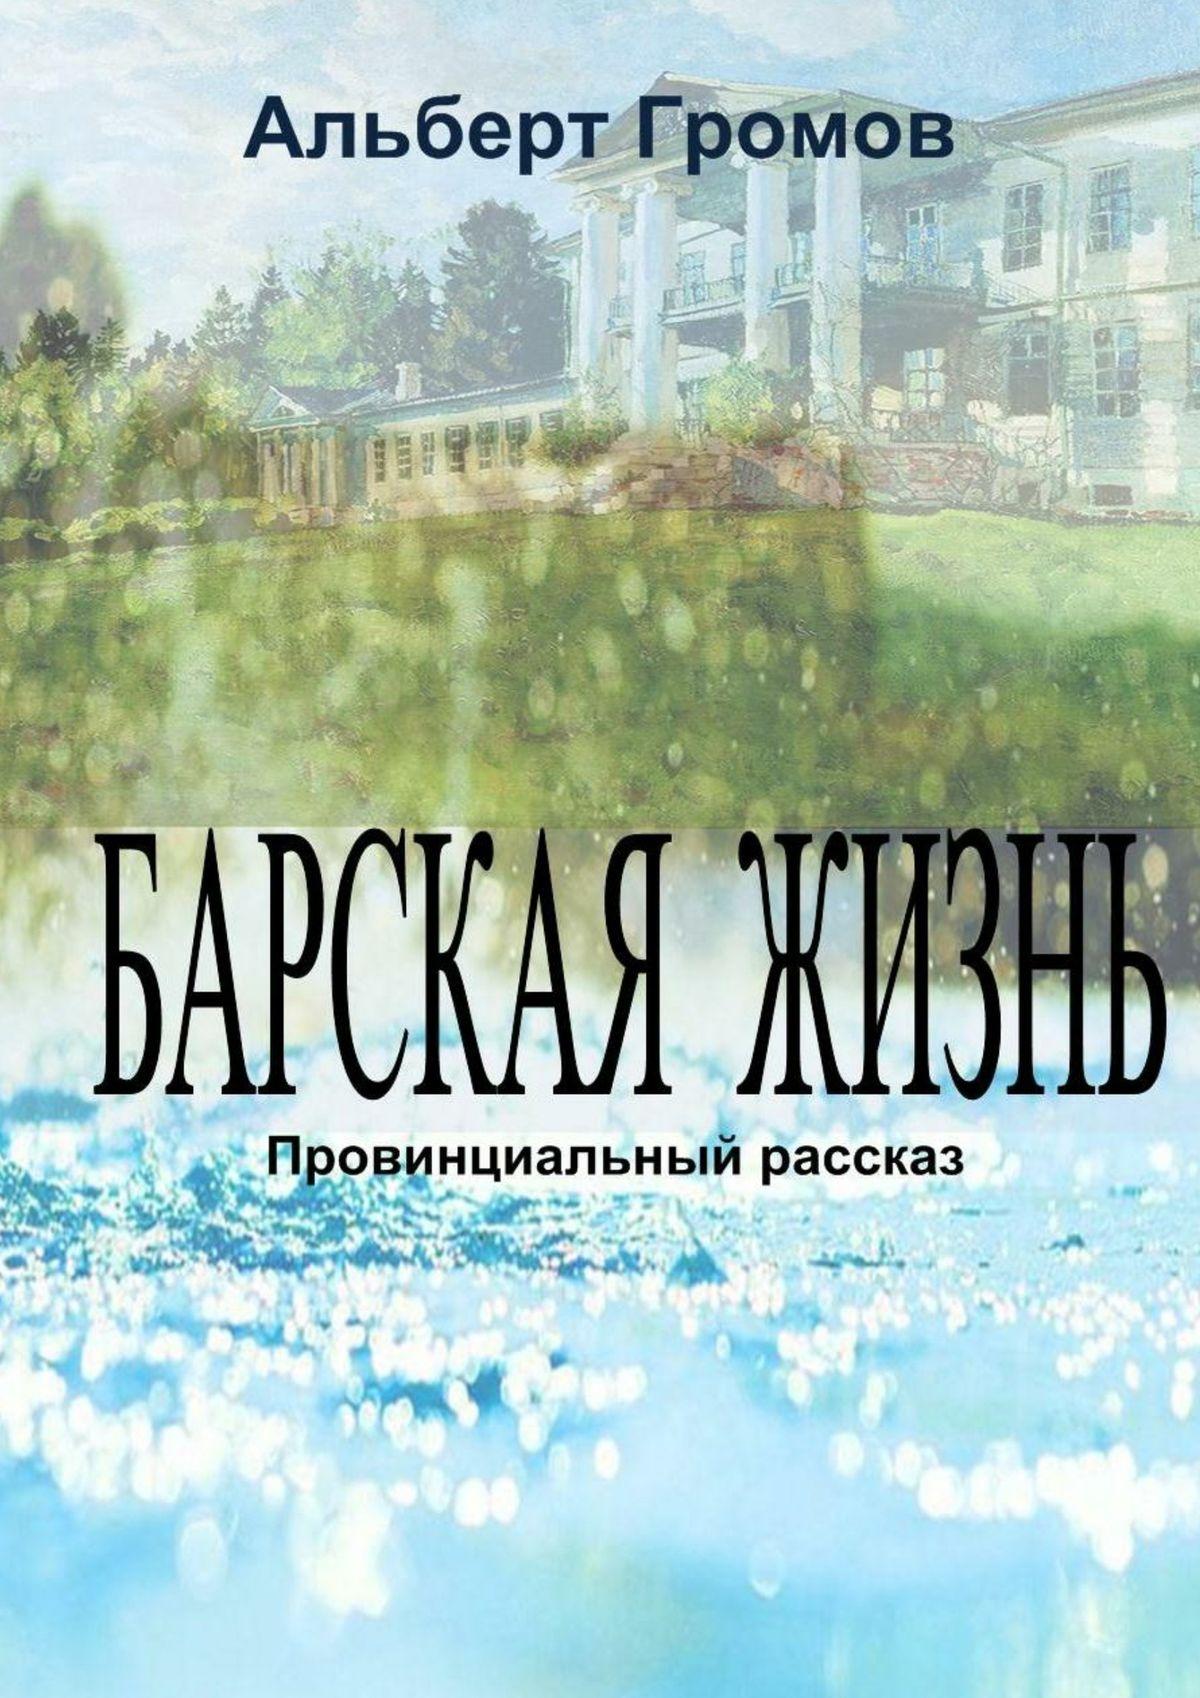 Альберт Громов «Барская жизнь»